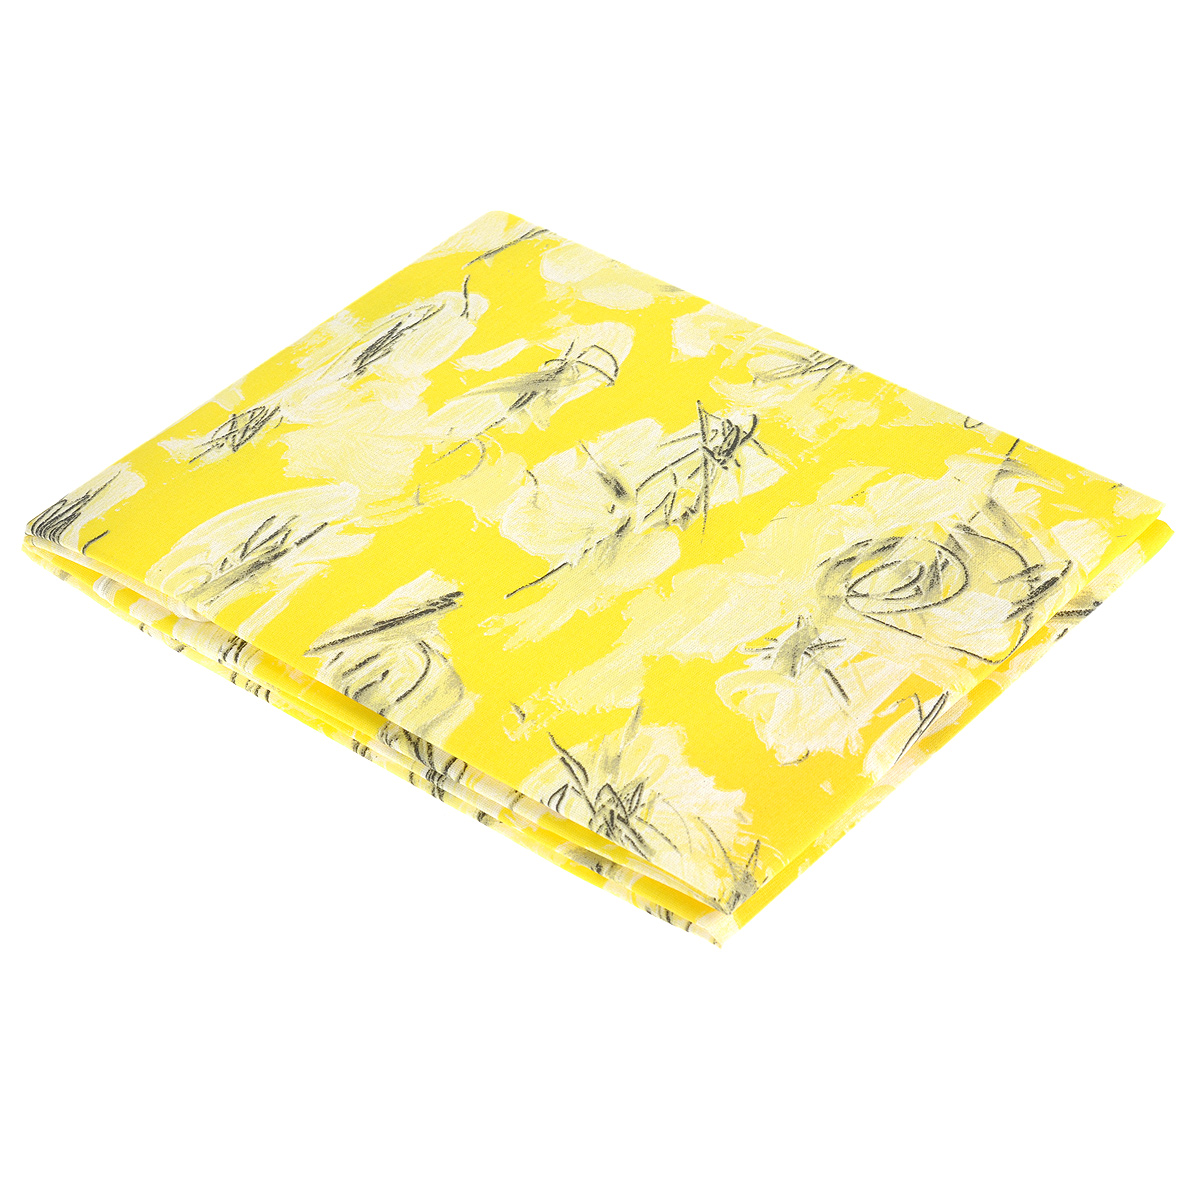 Чехол для гладильной доски Metaltex со специальным покрытием, цвет: желтый, 140 см х 55 см чехол для гладильной доски attribute express цвет зеленый 140 х 60 см